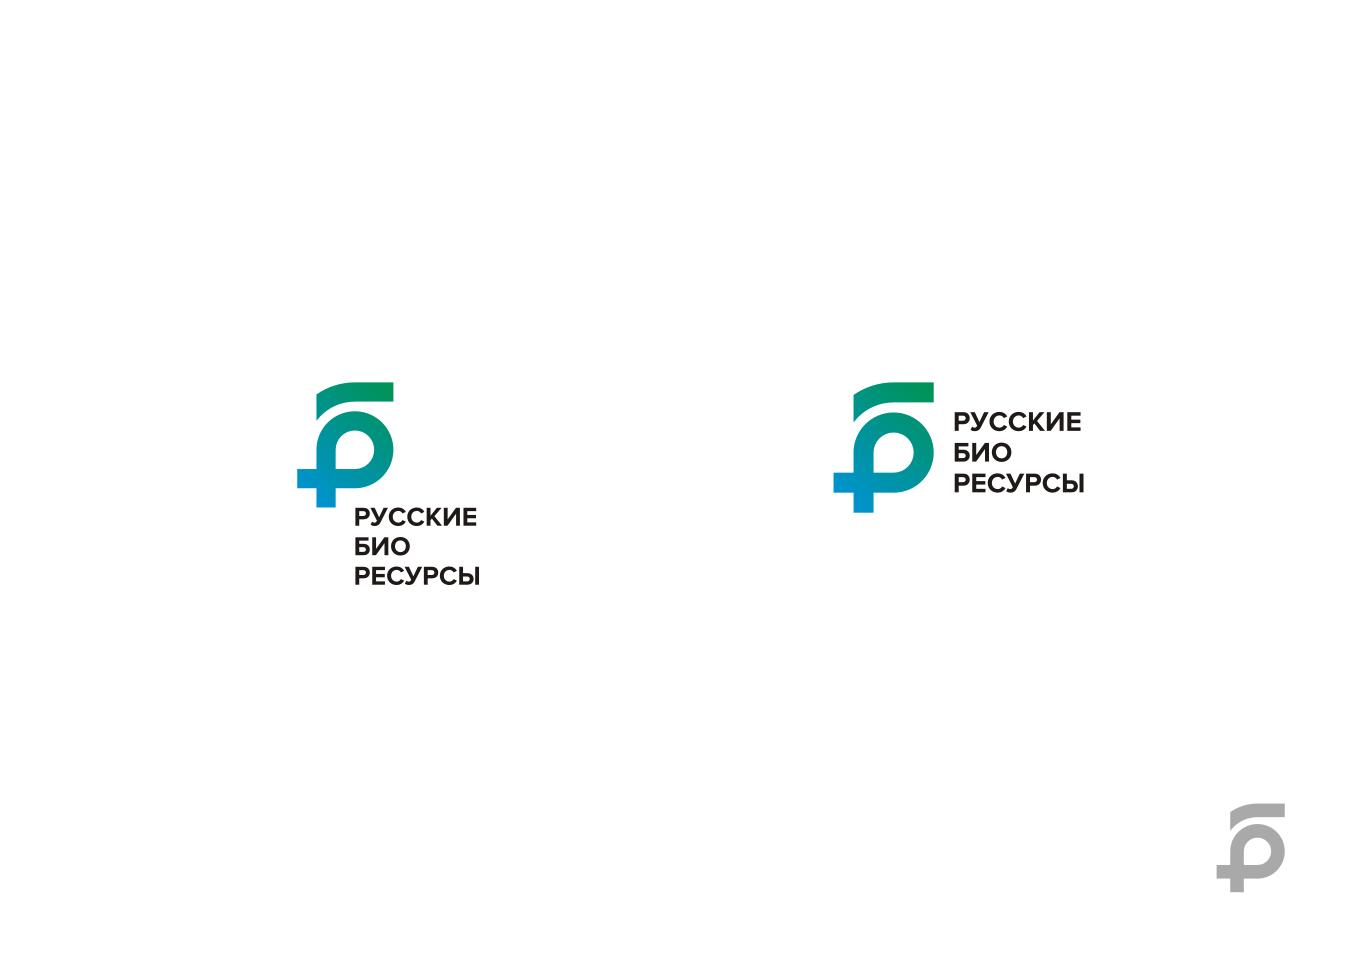 Разработка логотипа для компании «Русские Био Ресурсы» фото f_29458f9ffc2e2a2c.png